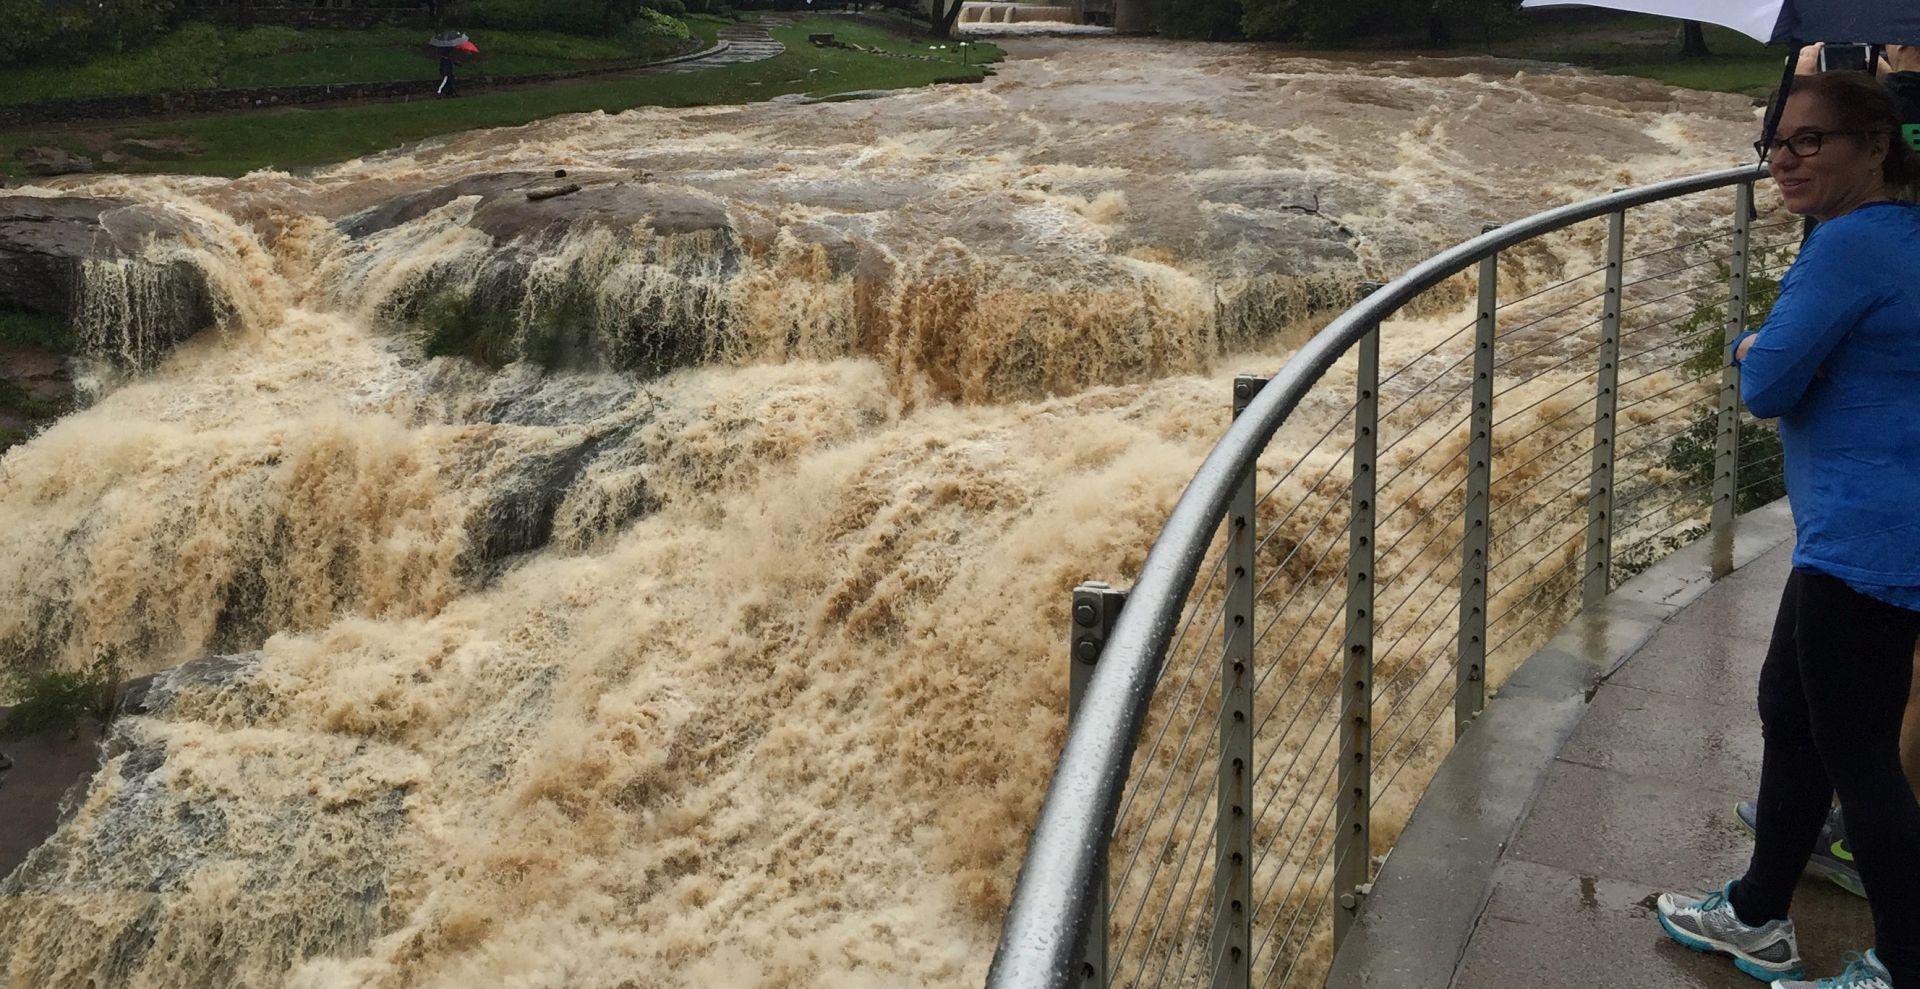 TISUĆE RASELJENIH: Poplave u Argentini, Čileu i Urugvaju